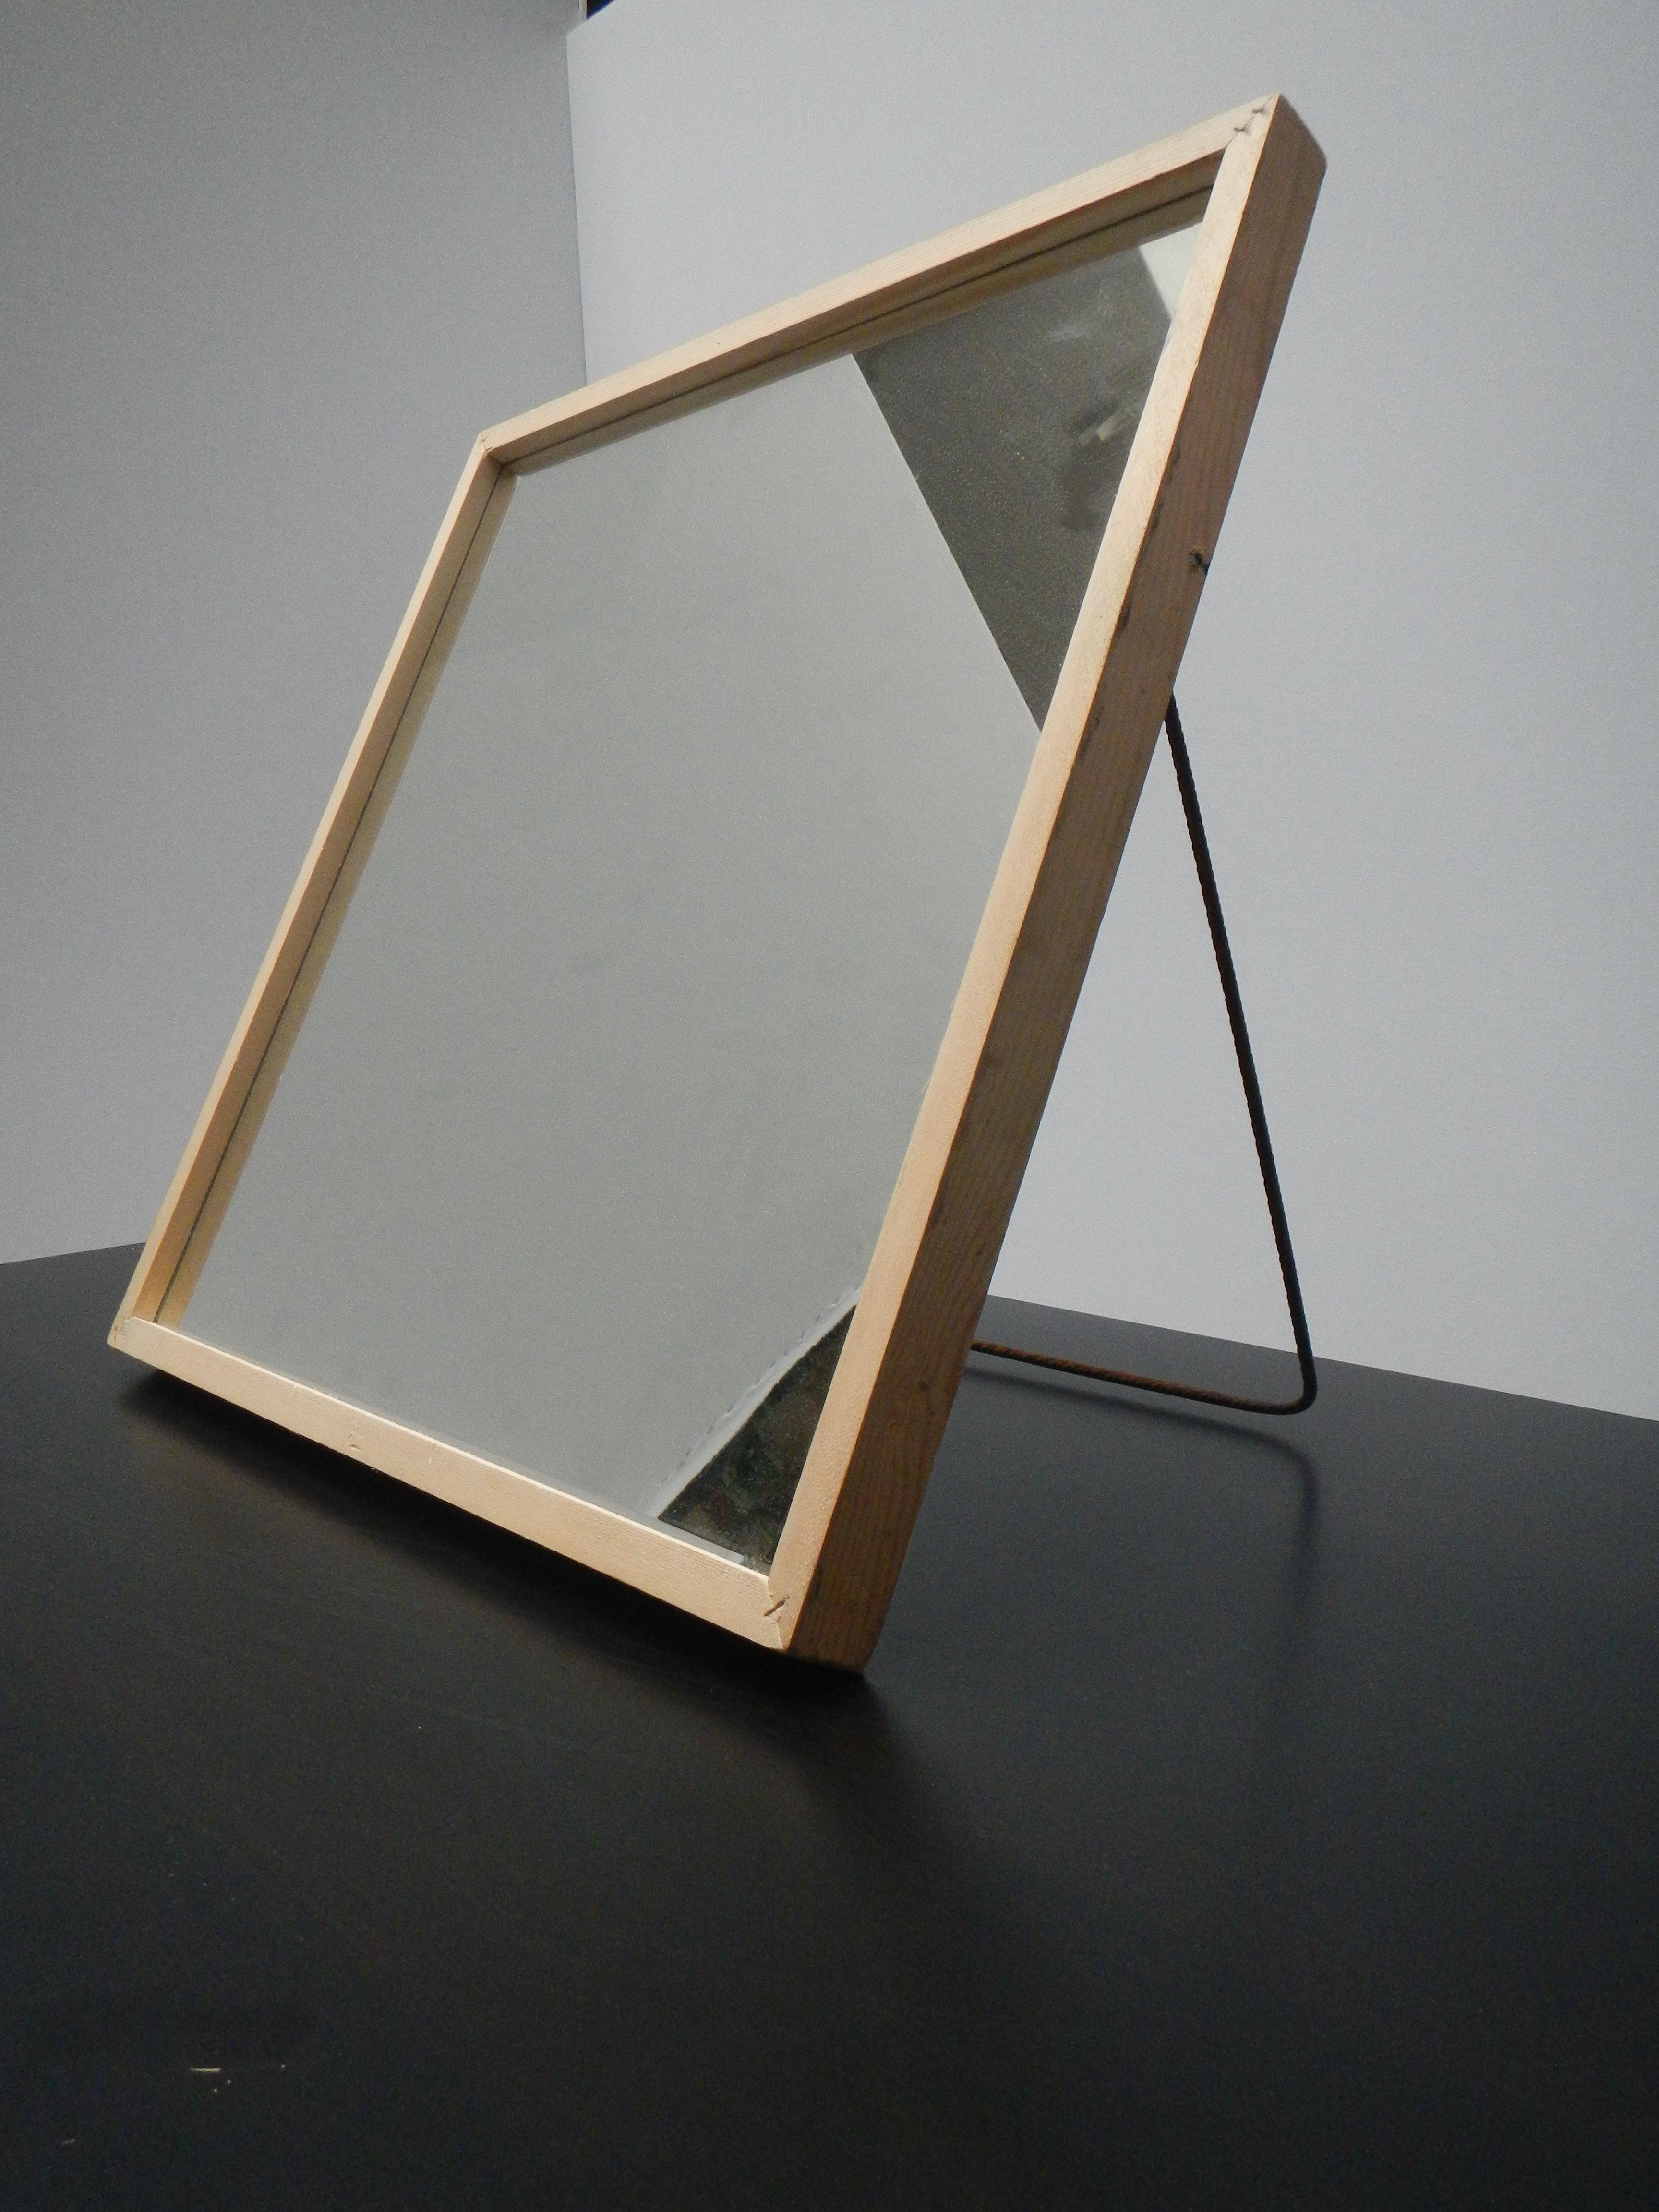 Specchi camera da letto ikea tavolo medaglietta hemnes con specchio bianco con cassetto - Tavolo scorrevole letto ikea ...